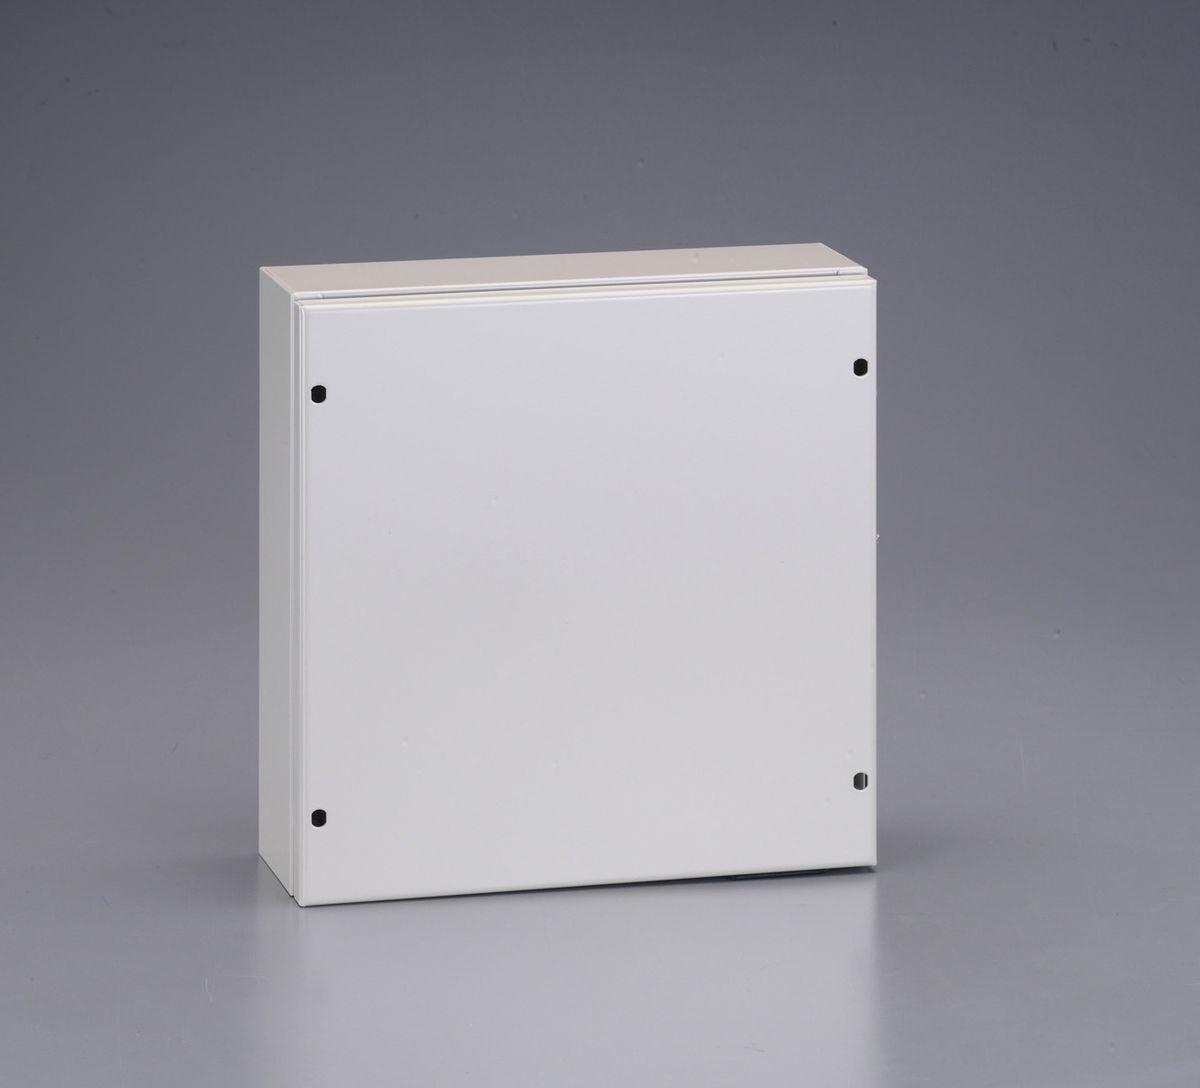 【メーカー在庫あり】 エスコ ESCO 400x160x400mm 盤用キャビネット 屋内用・ネジ止 000012242333 HD店